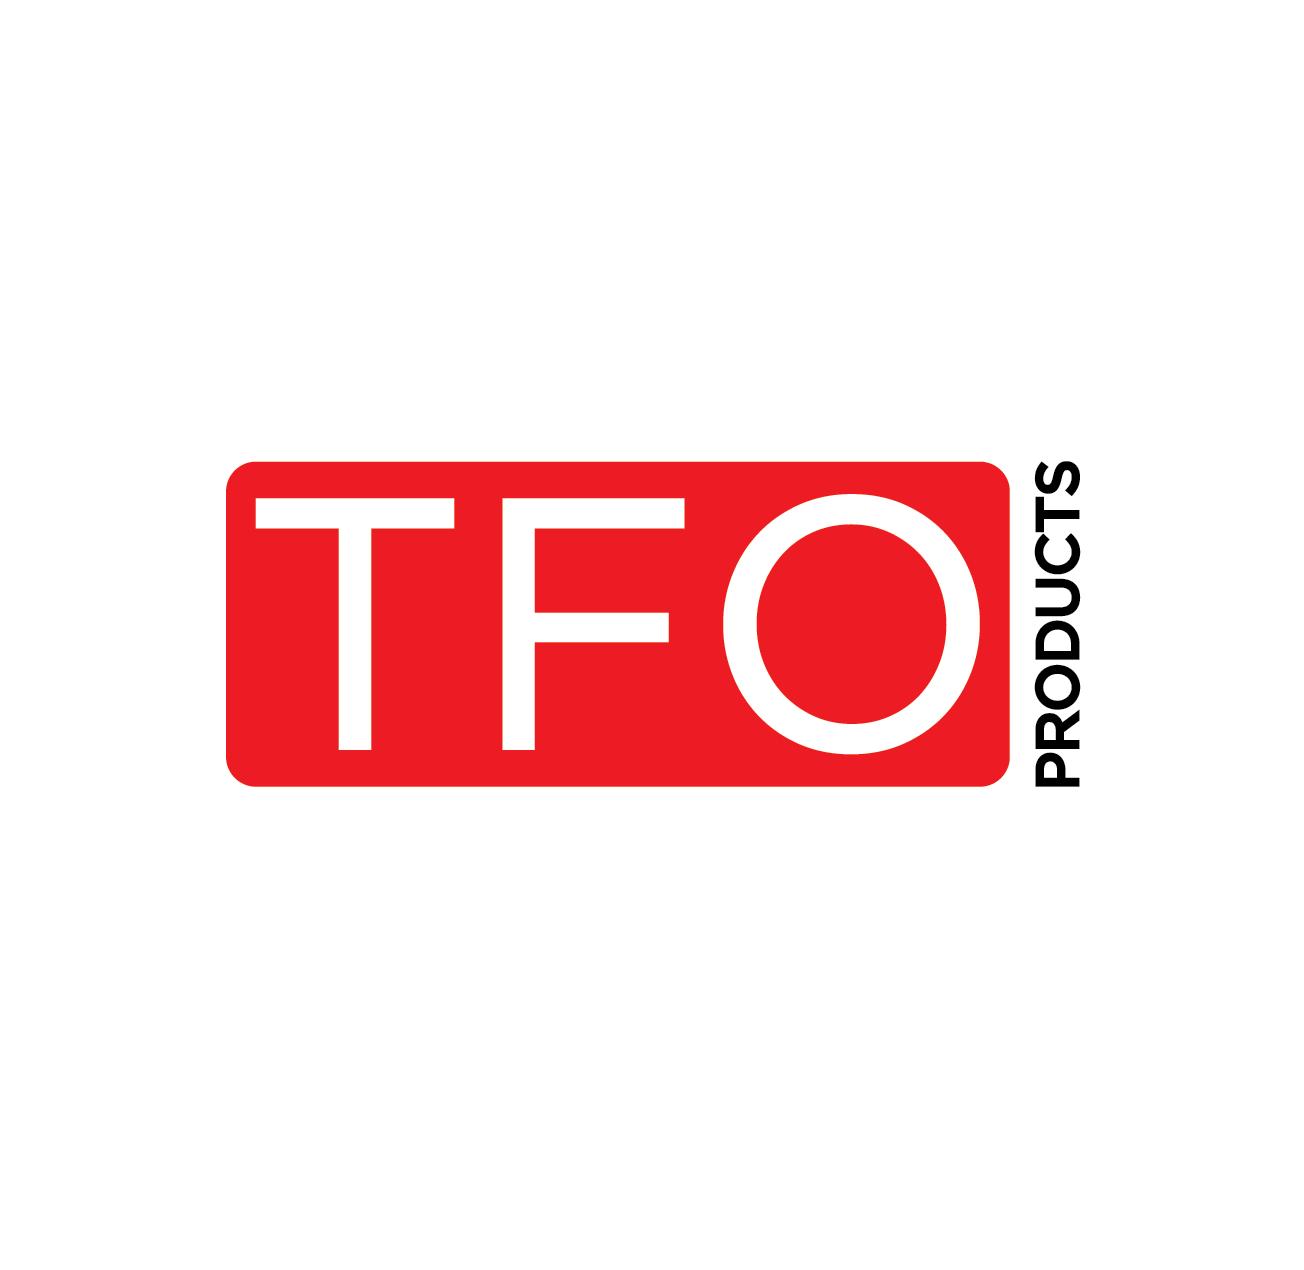 Logo-Design für Onlinehandel